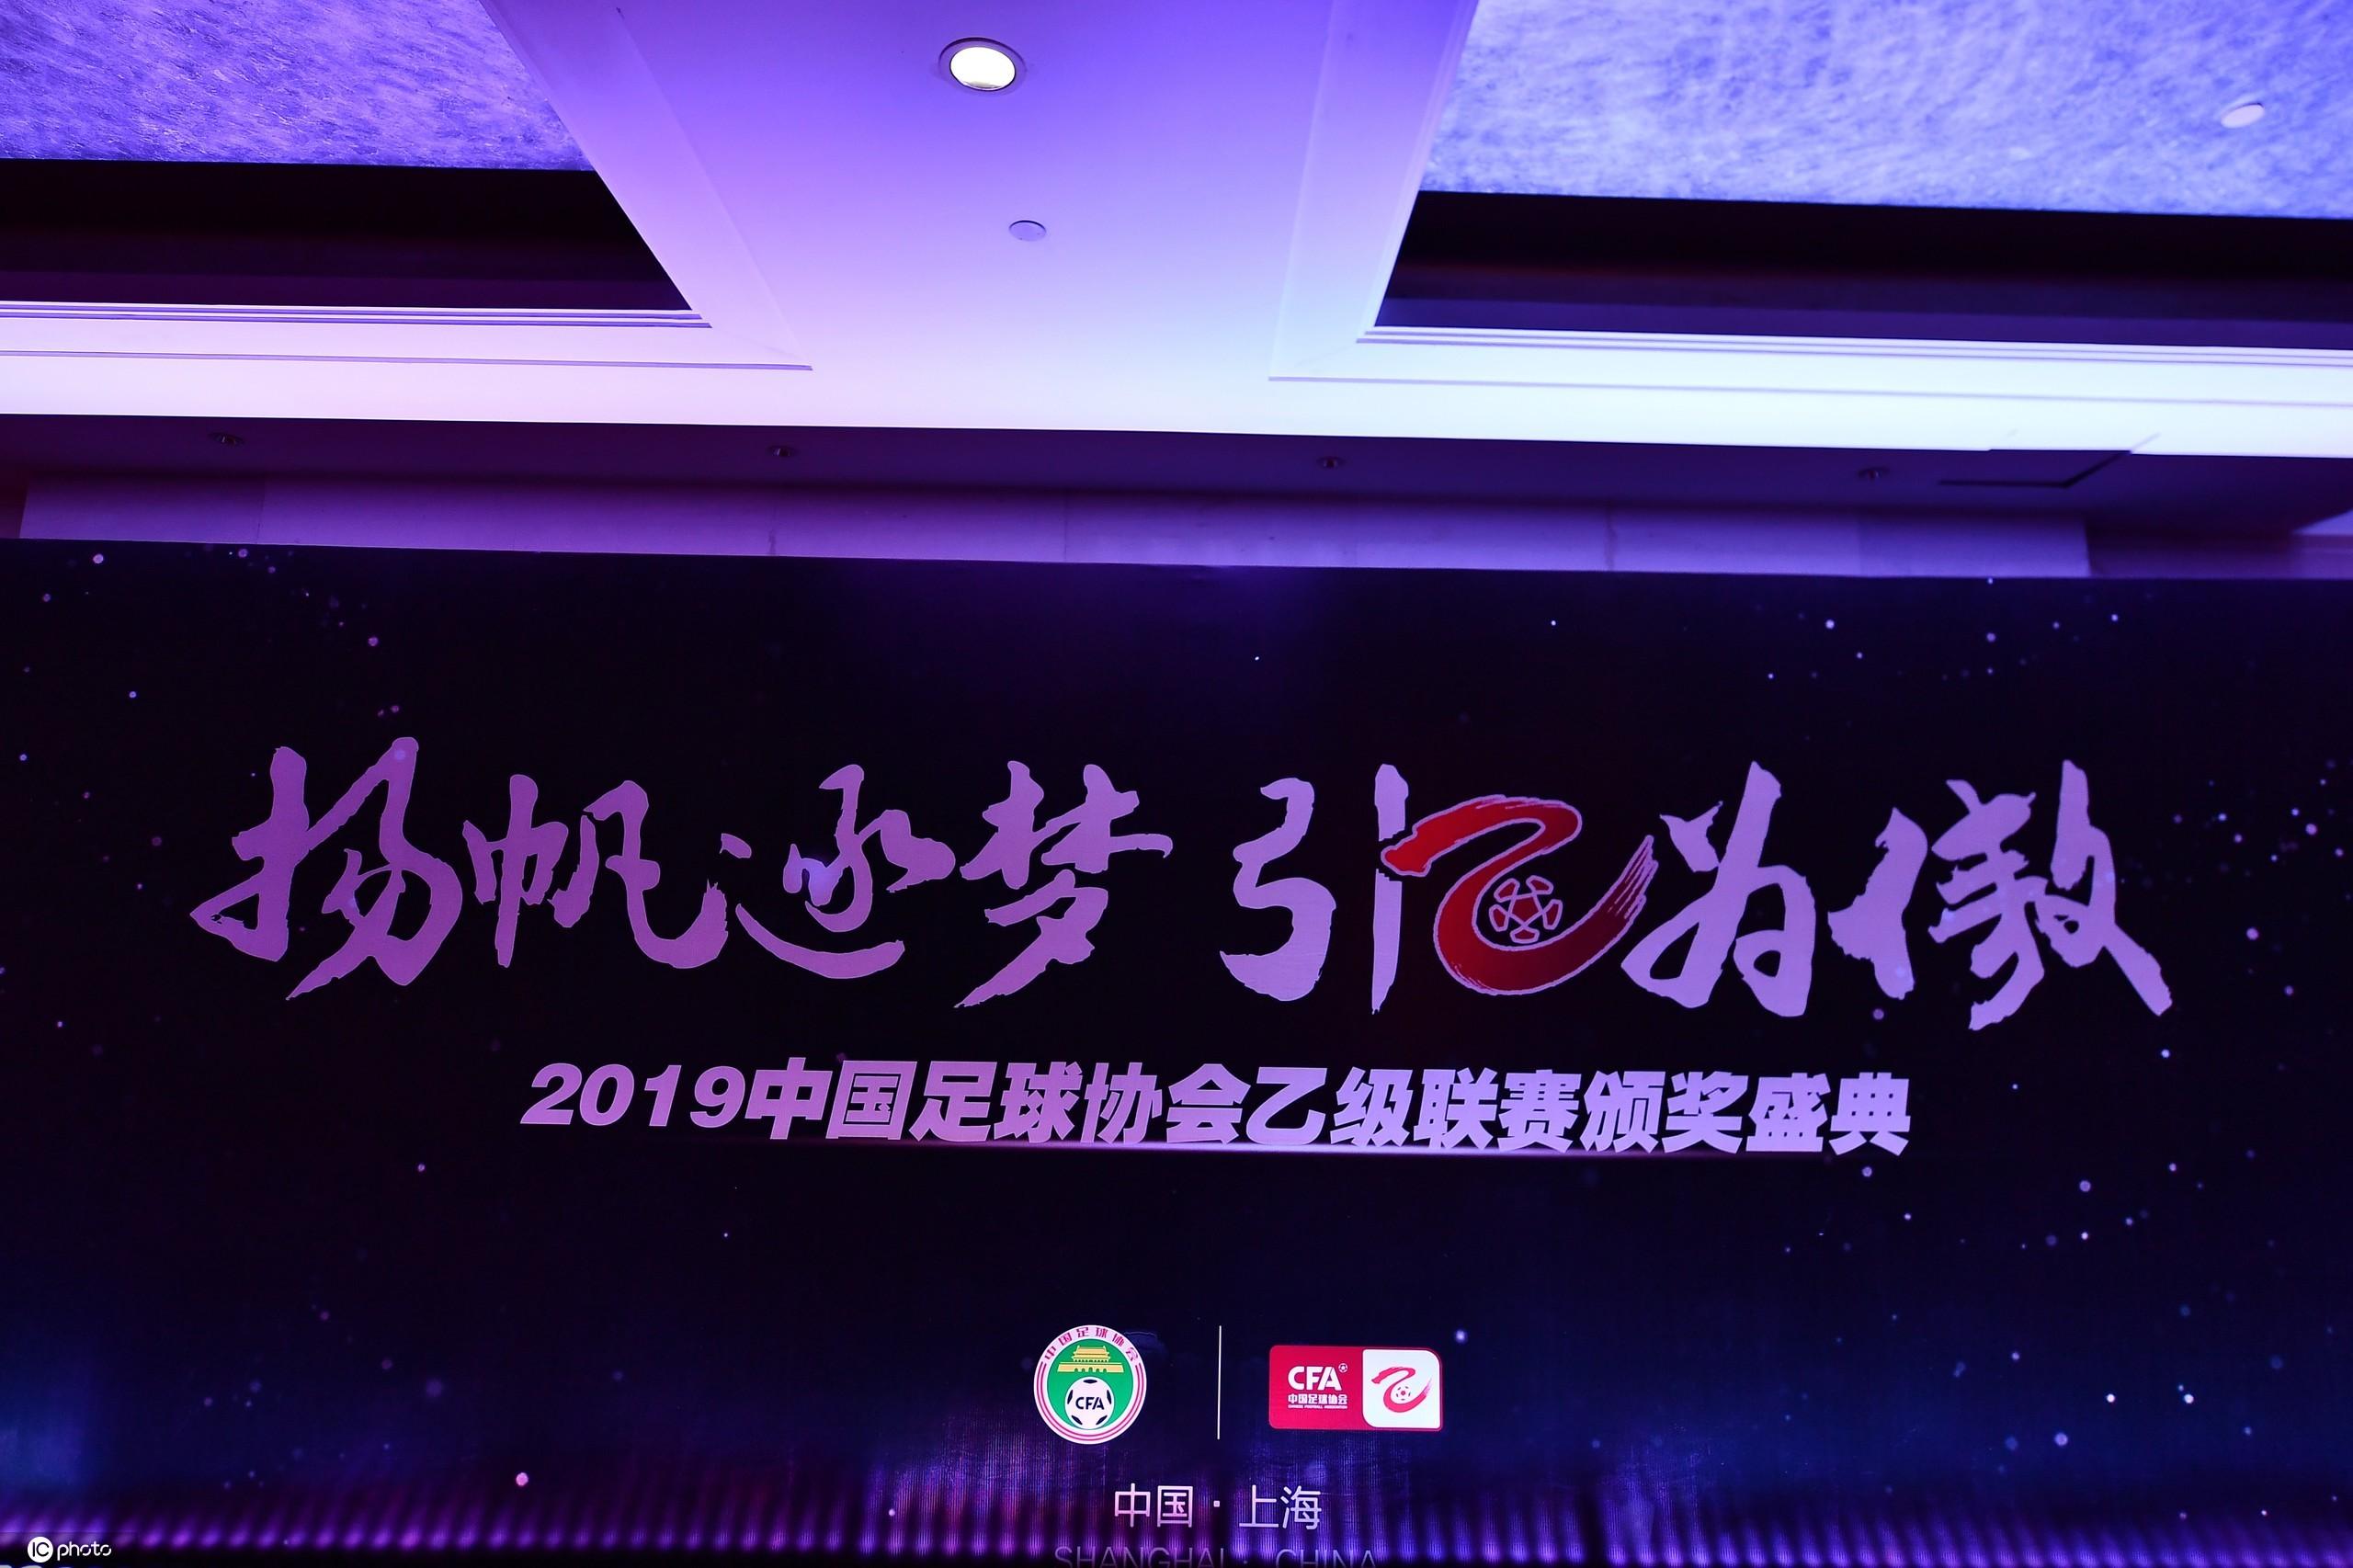 2019中乙联赛最佳运动员:朱世玉当选;马晓磊荣获最佳射手